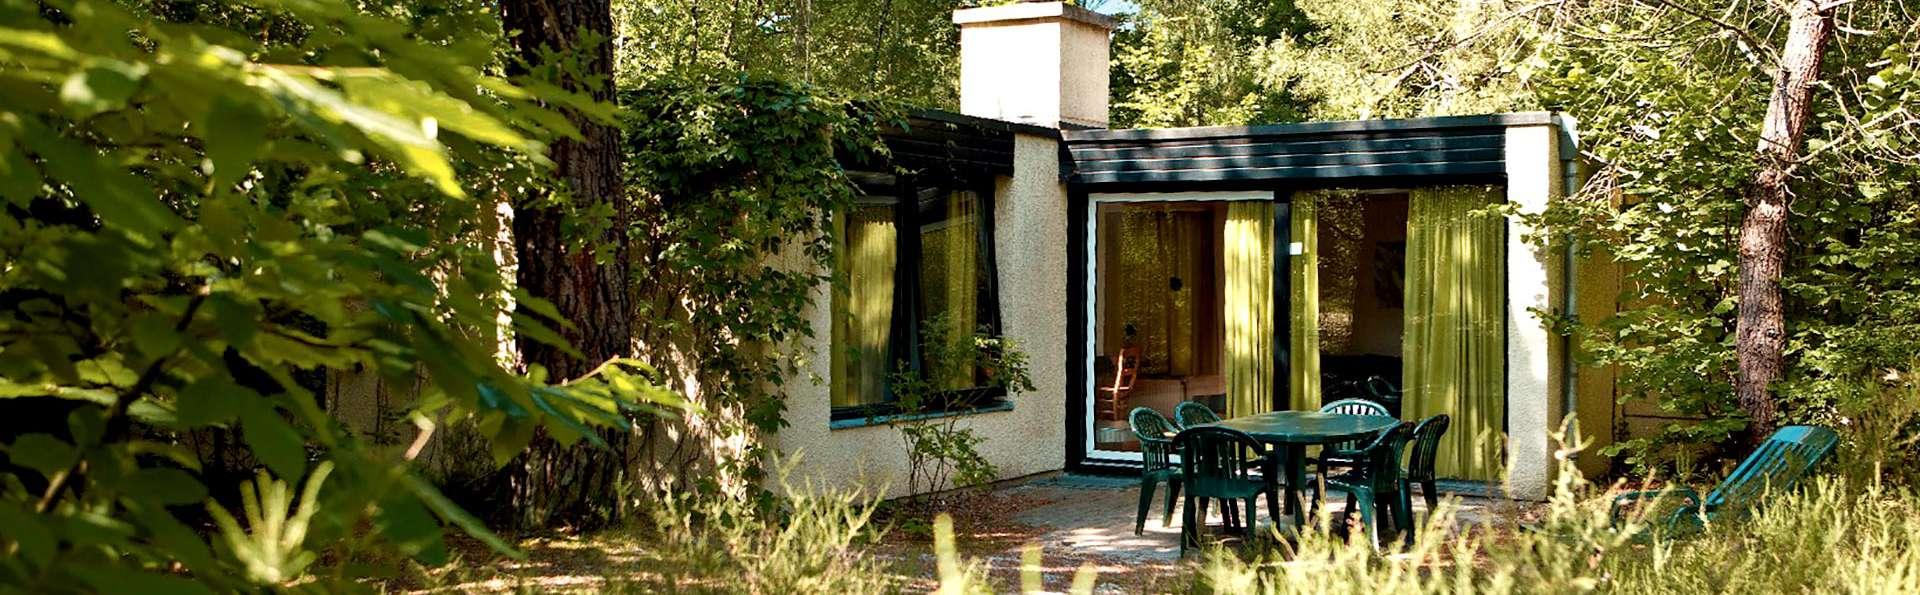 Week-end en cottage comfort jusqu'à 4 pers. au Center Parcs Domaine des Hauts de Bruyères (7 nuits)